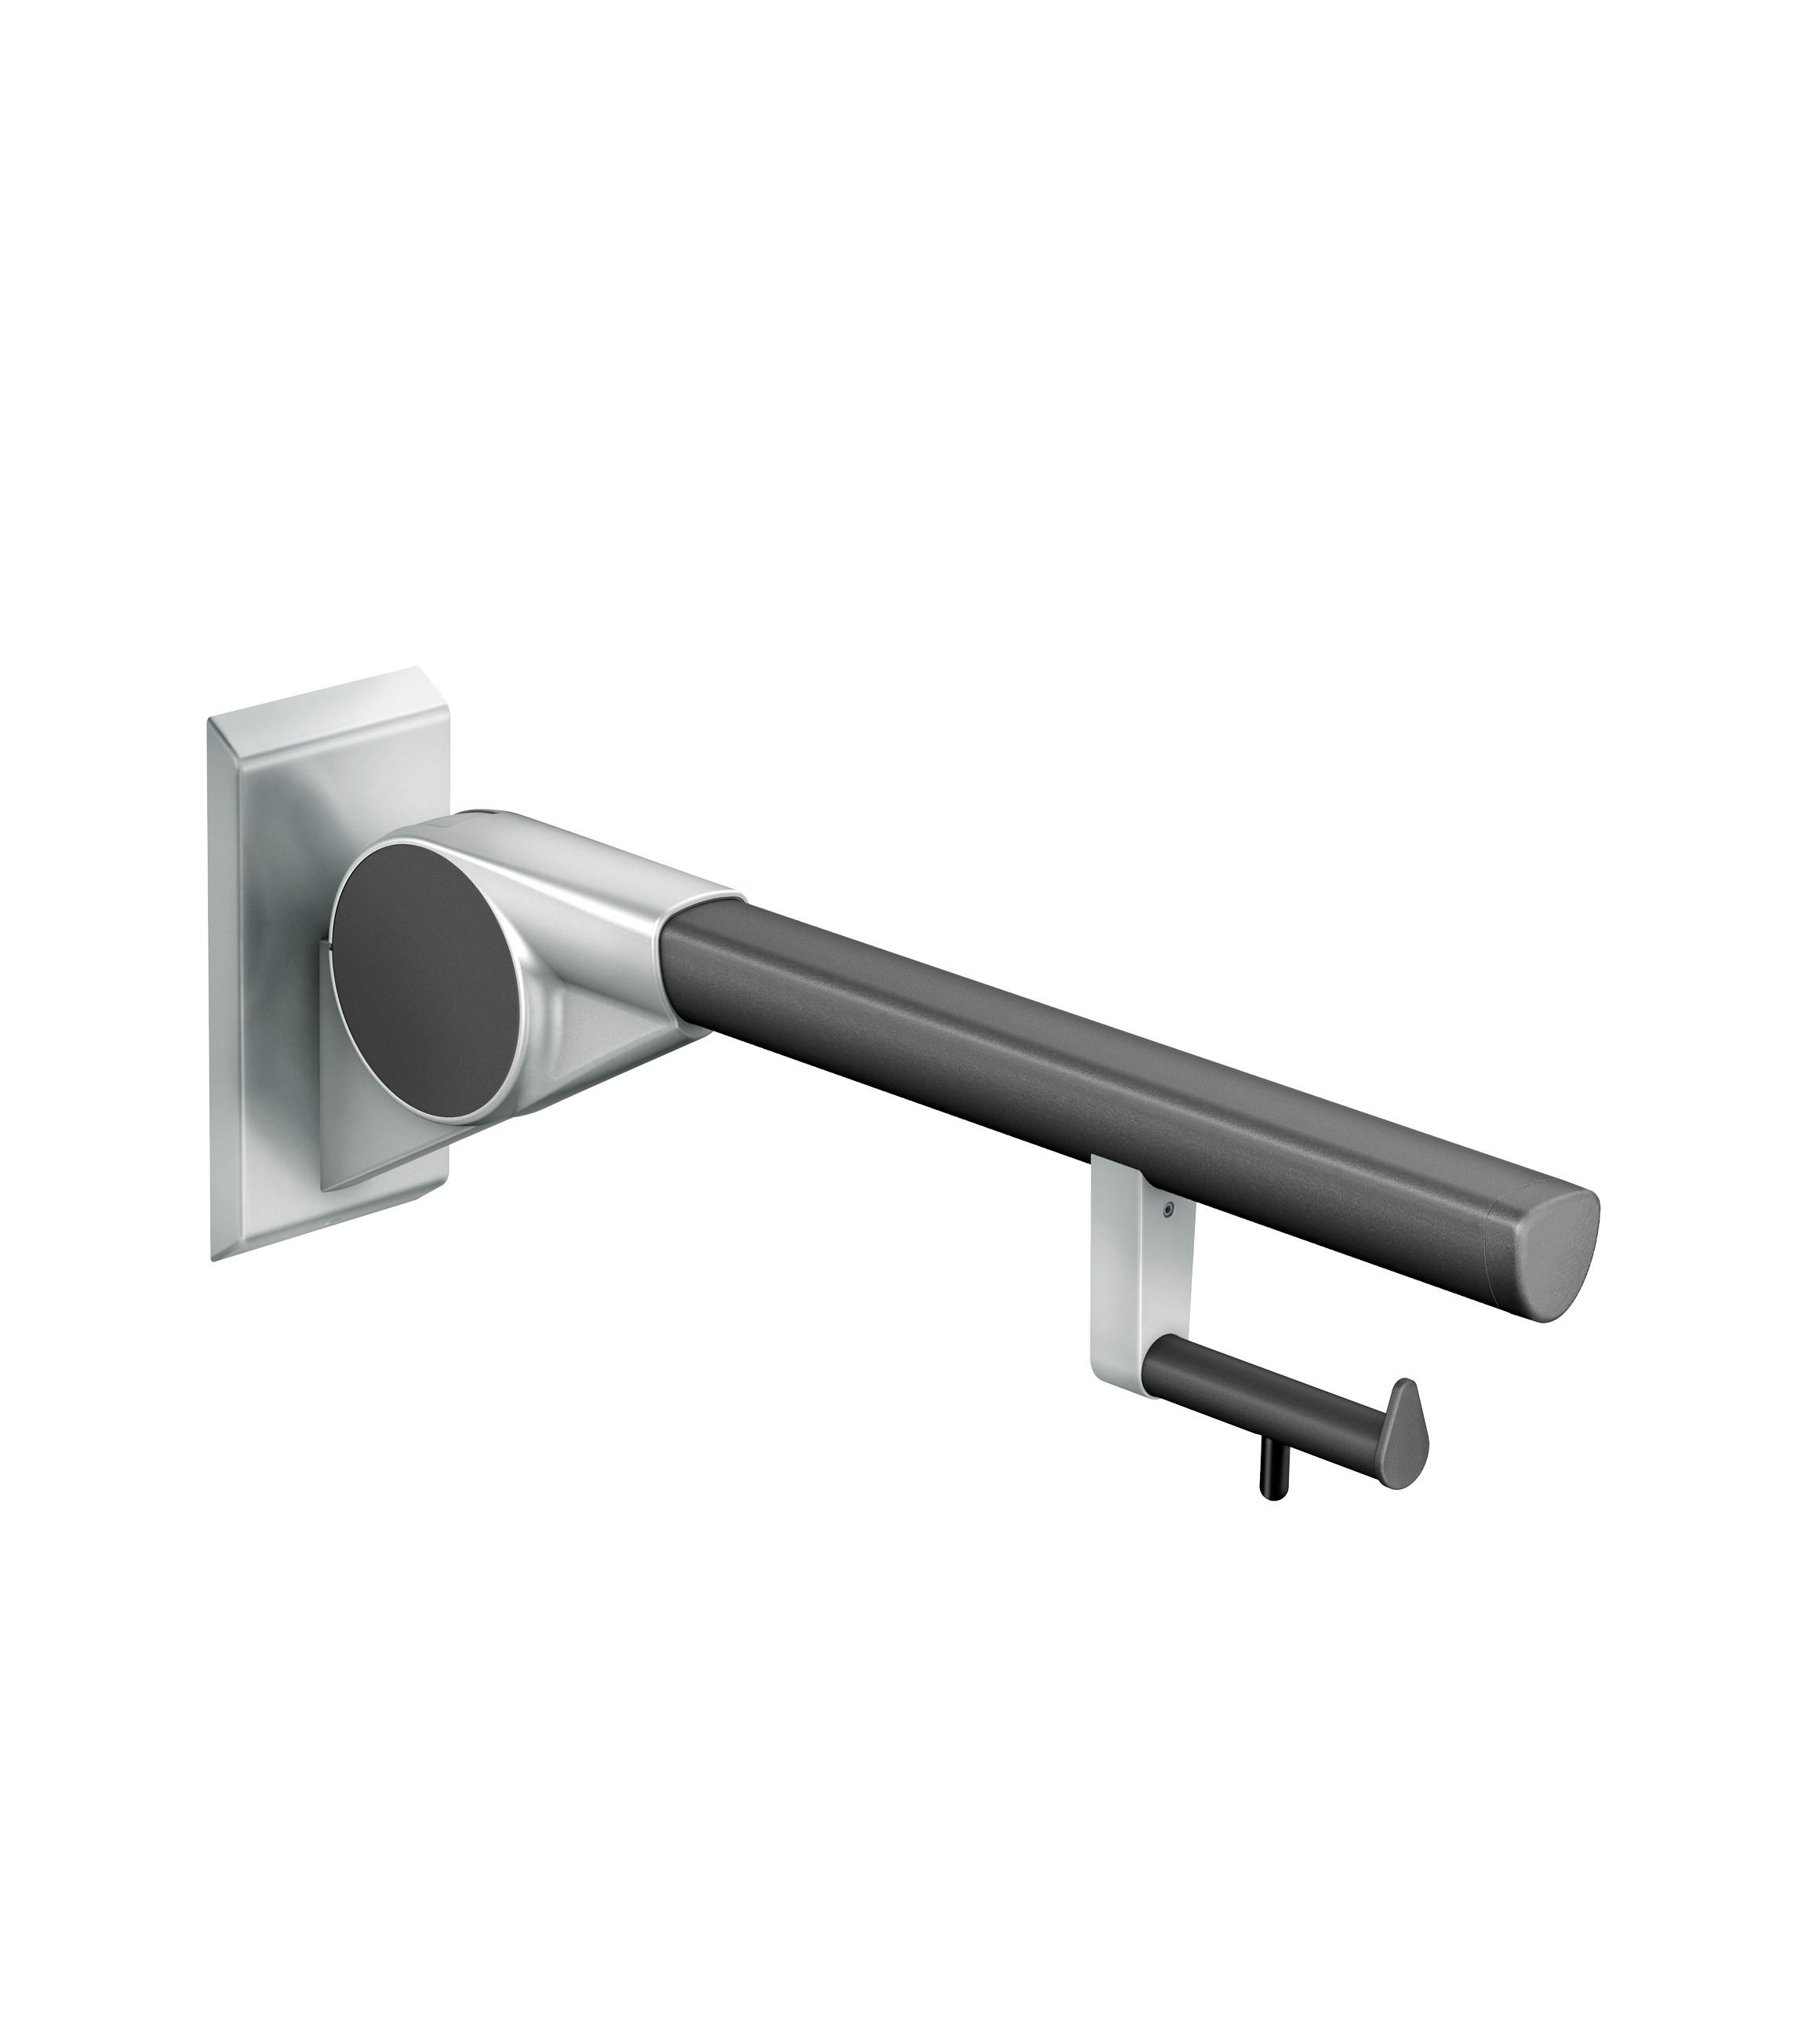 FSB Stützklappgriff 700 mm mit PRH A100 Anemonenweiß (0 82 8420 01070 8220)